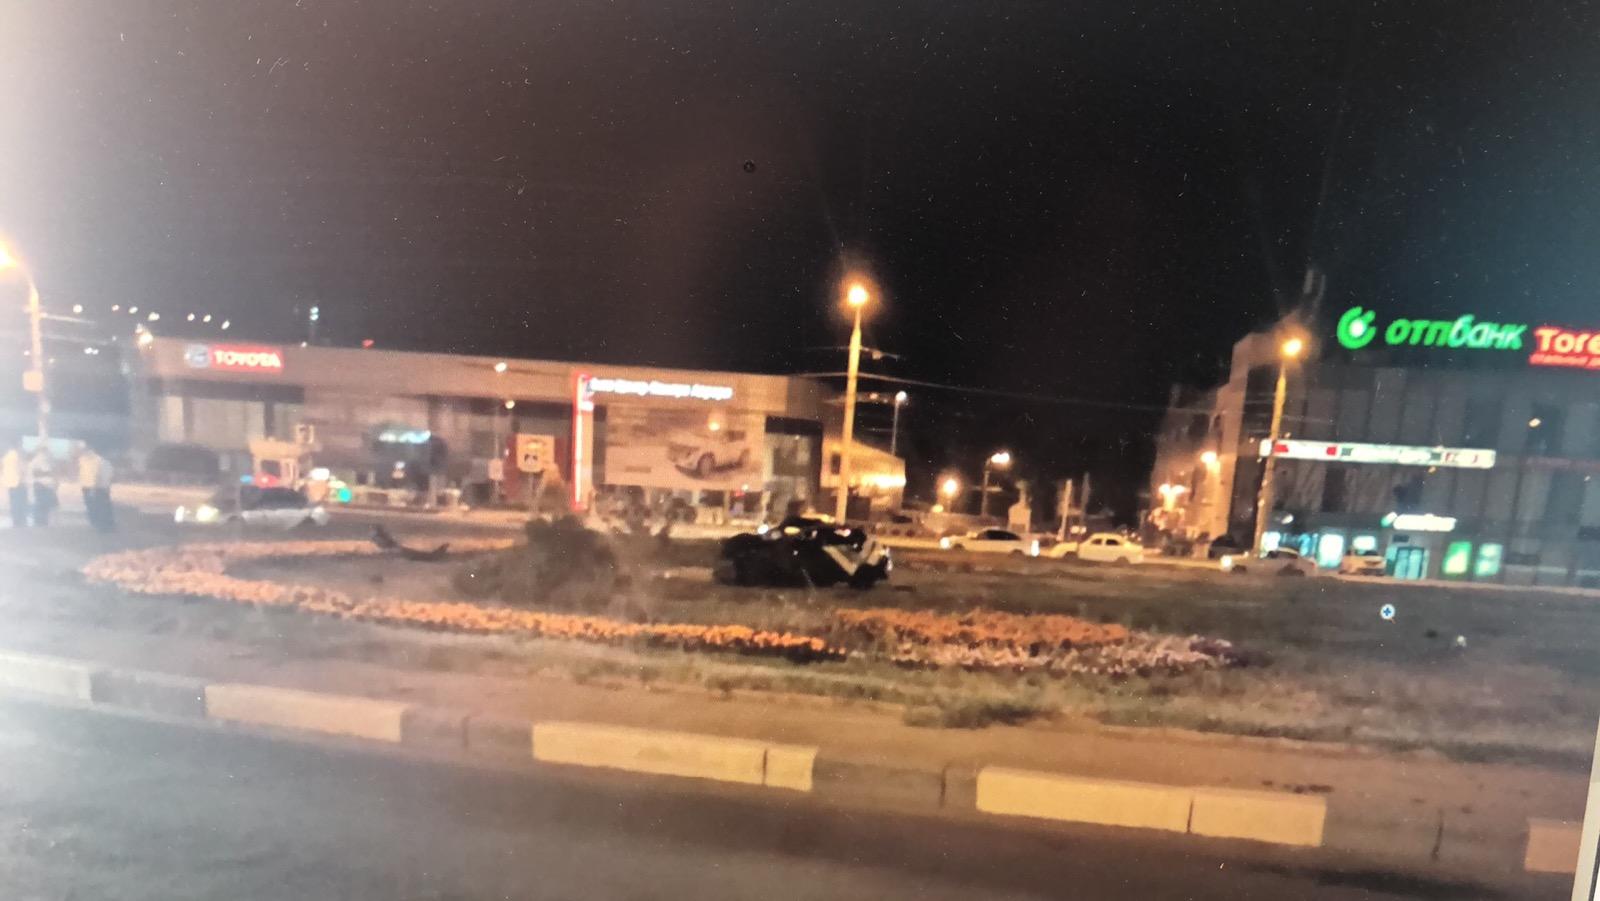 Стали известны подробности ДТП с перевернувшимся автомобилем каршеринга в Самаре